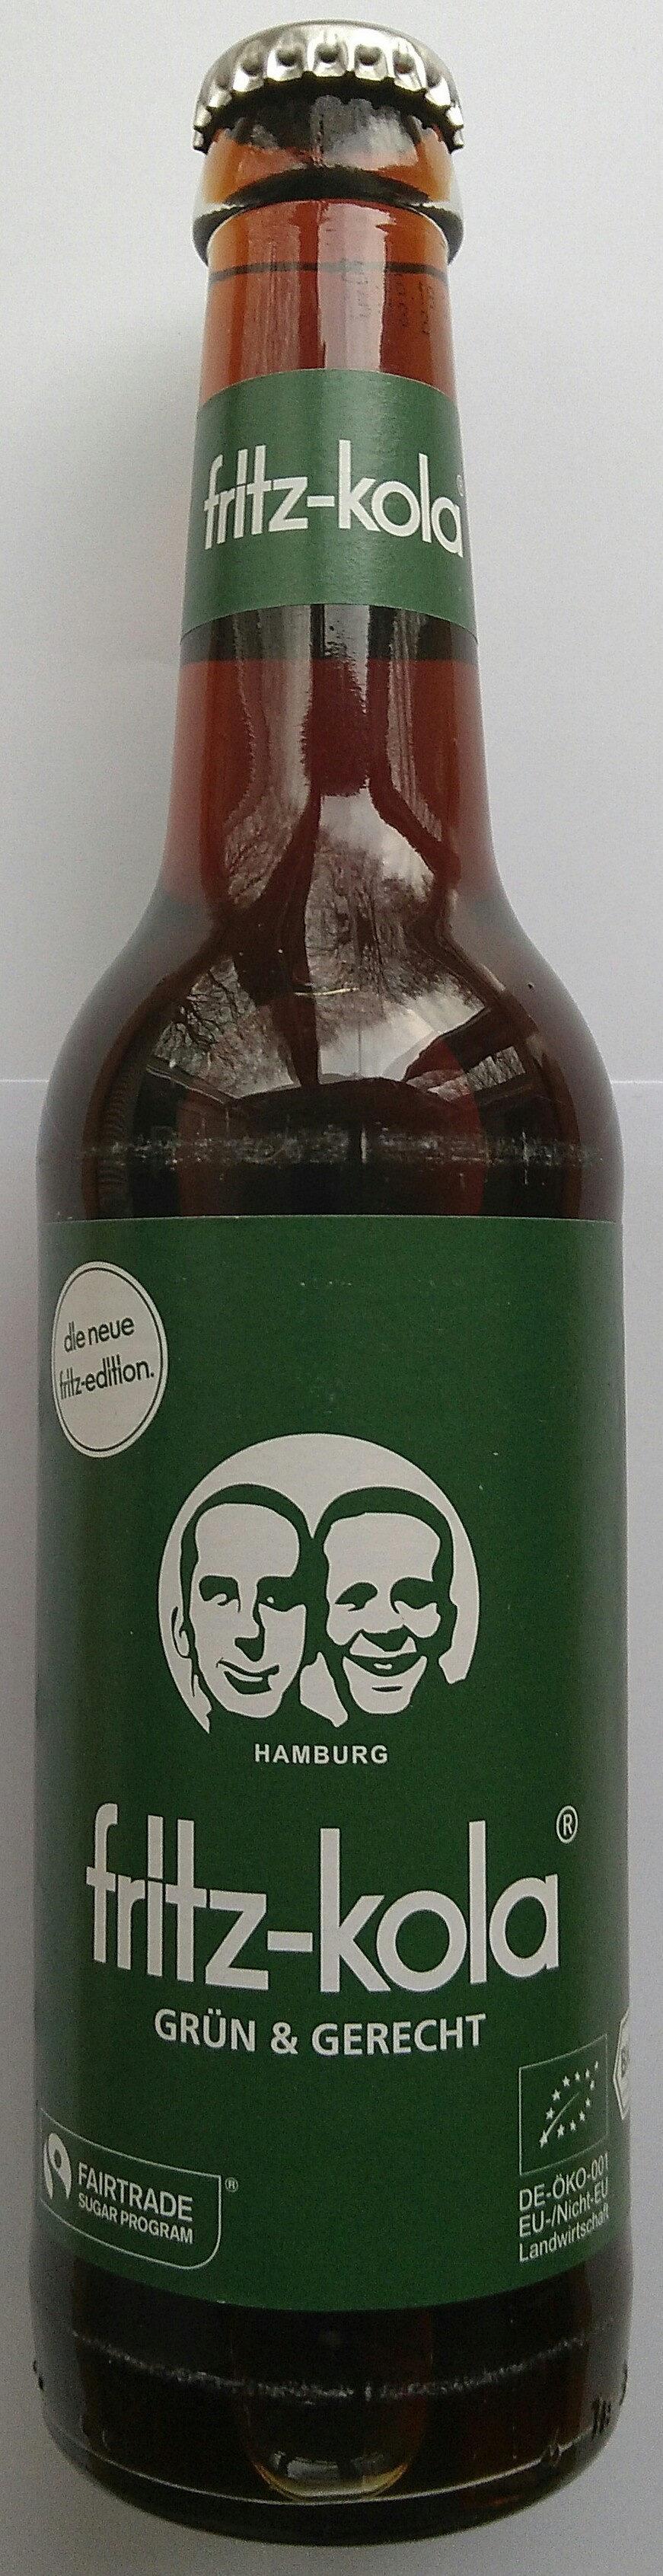 Grün & Gerecht - Produkt